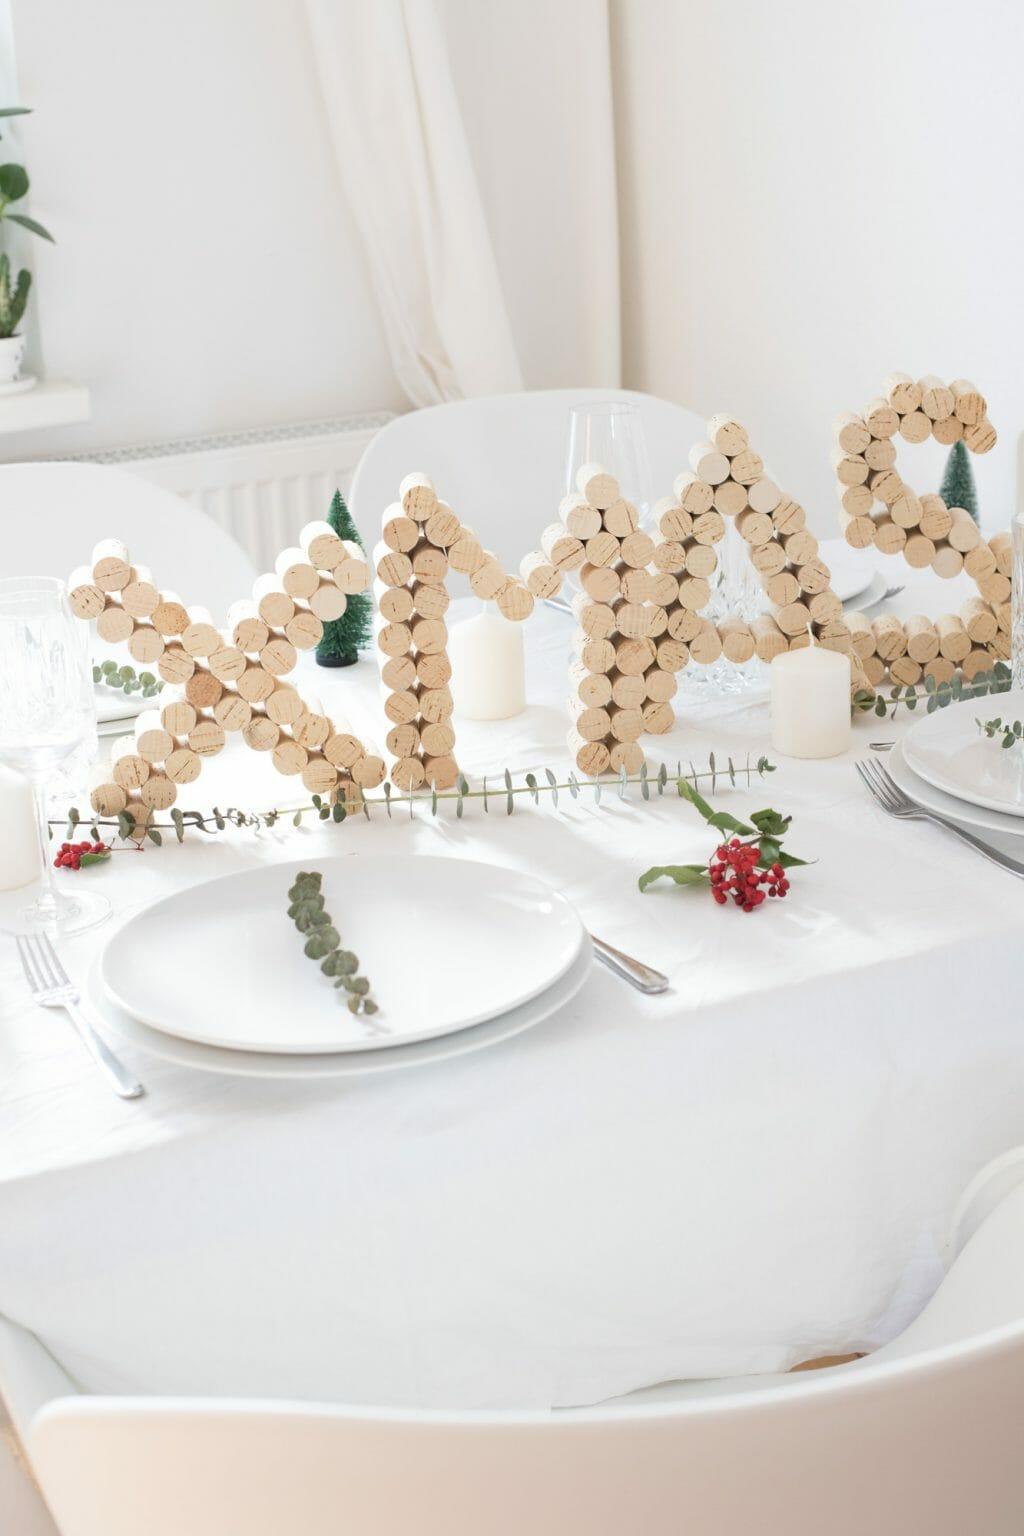 kork-buchstaben-als-weihnachts-tisch-dekoration-3